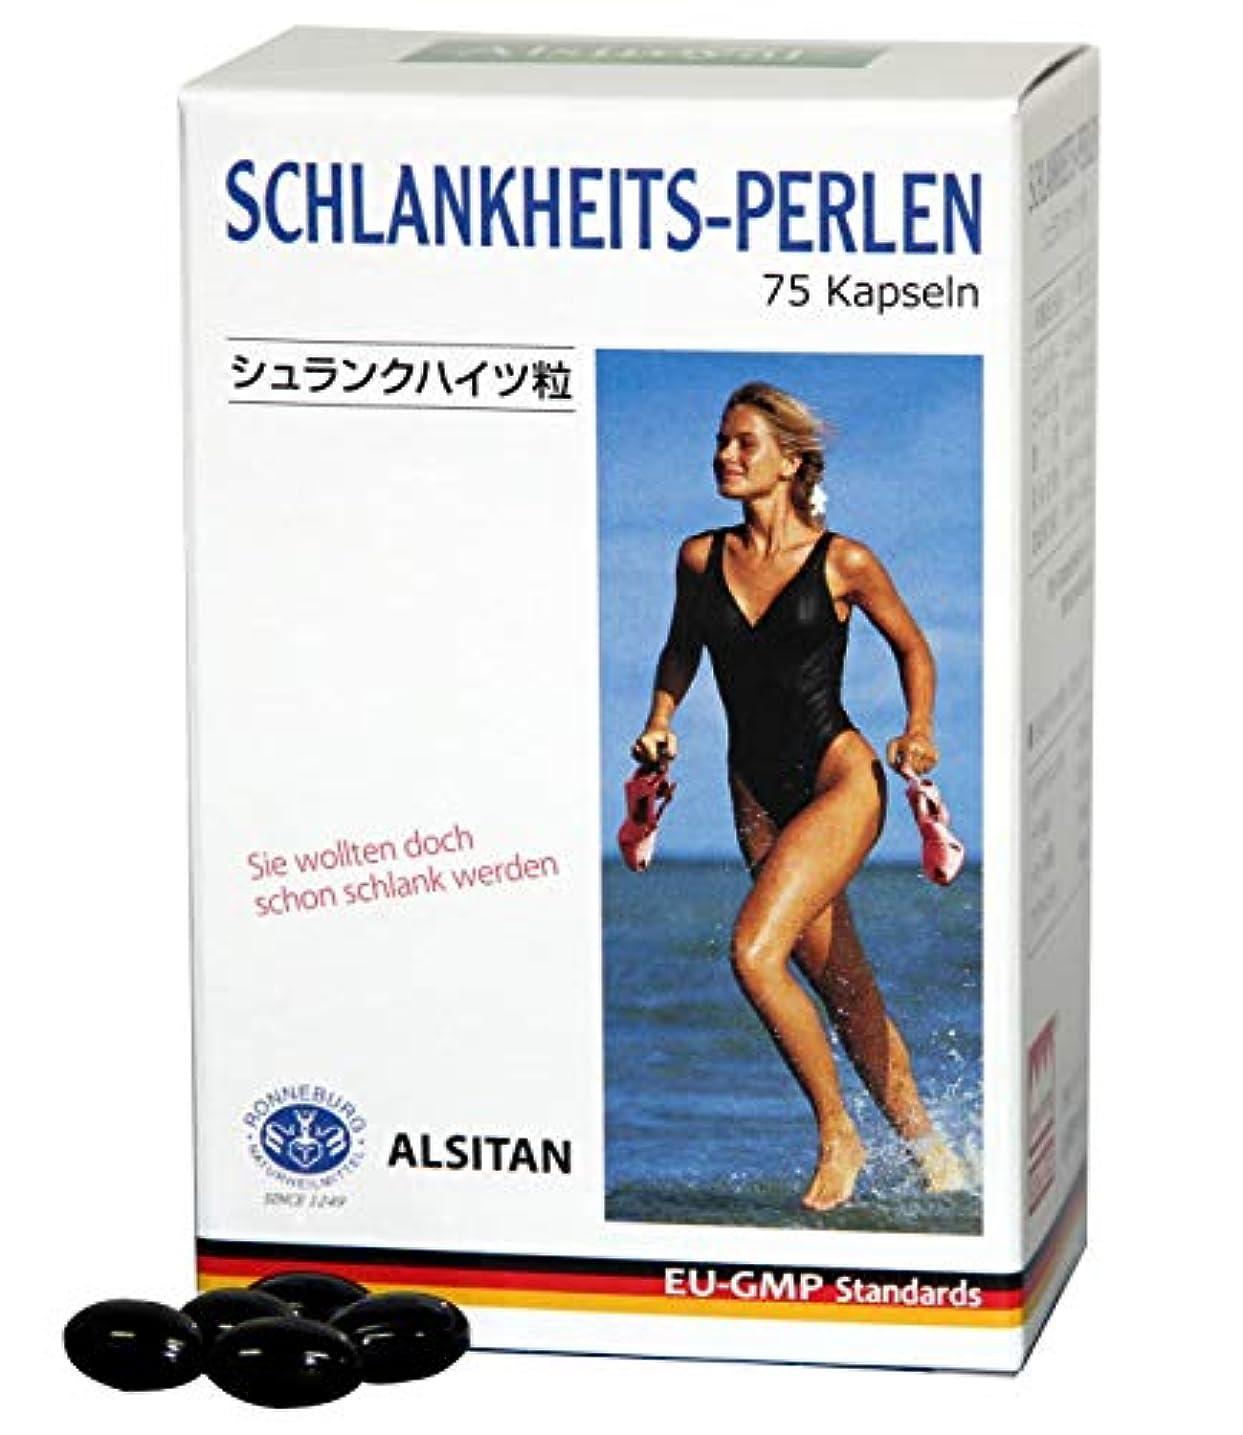 陰謀独裁者忠実なシュランクハイツ粒 5箱セット 375粒 ダイエットサプリメント